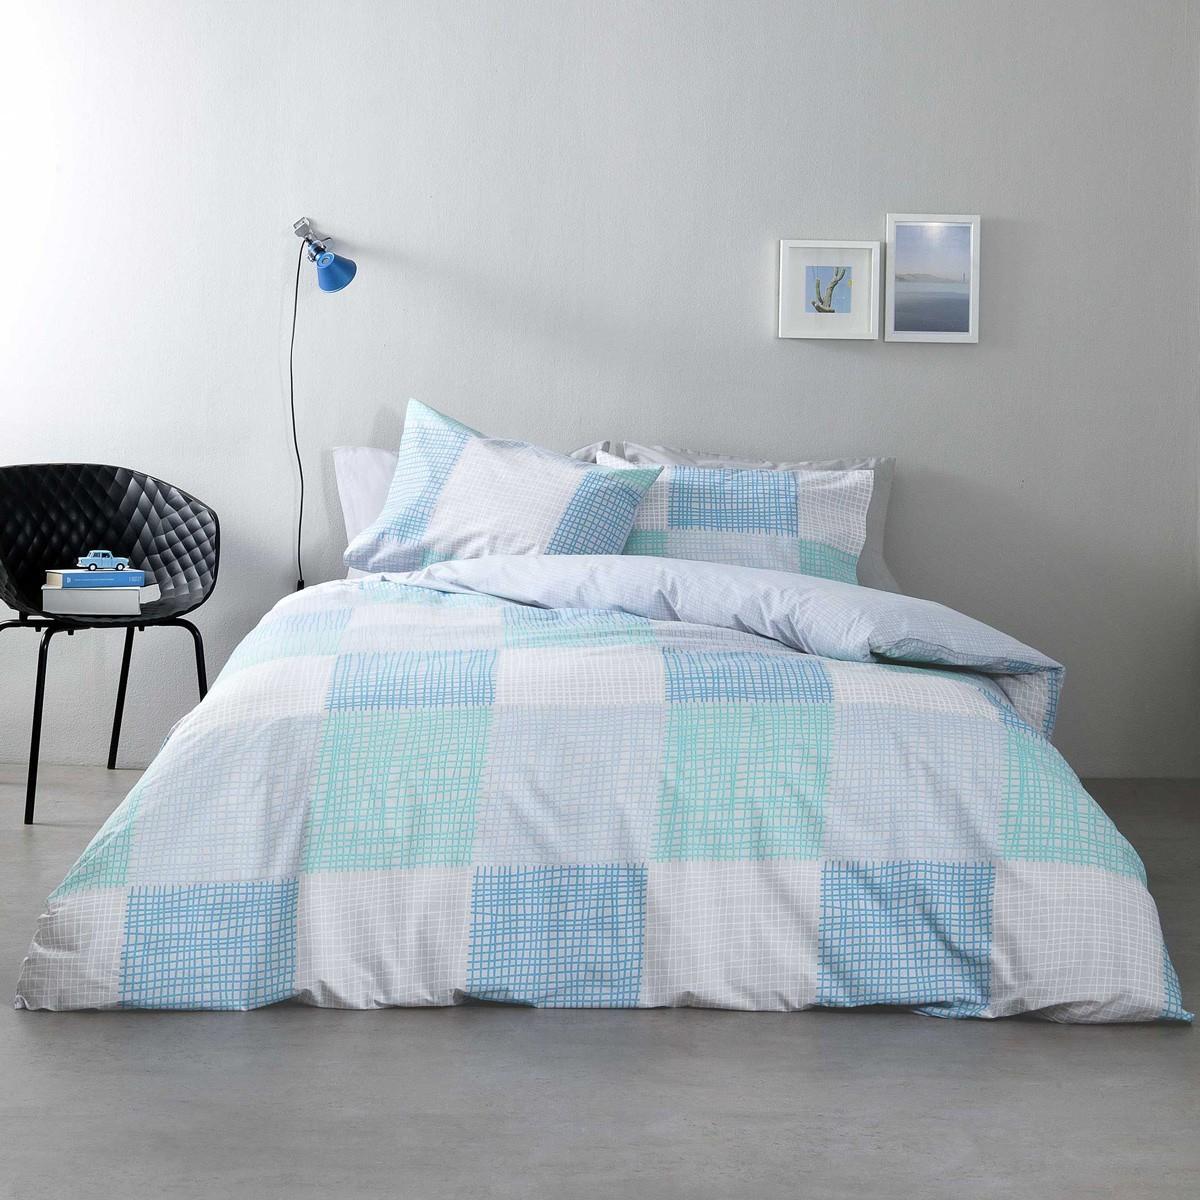 Παπλωματοθήκη Υπέρδιπλη (Σετ) Nima Bed Linen Rattan Blue